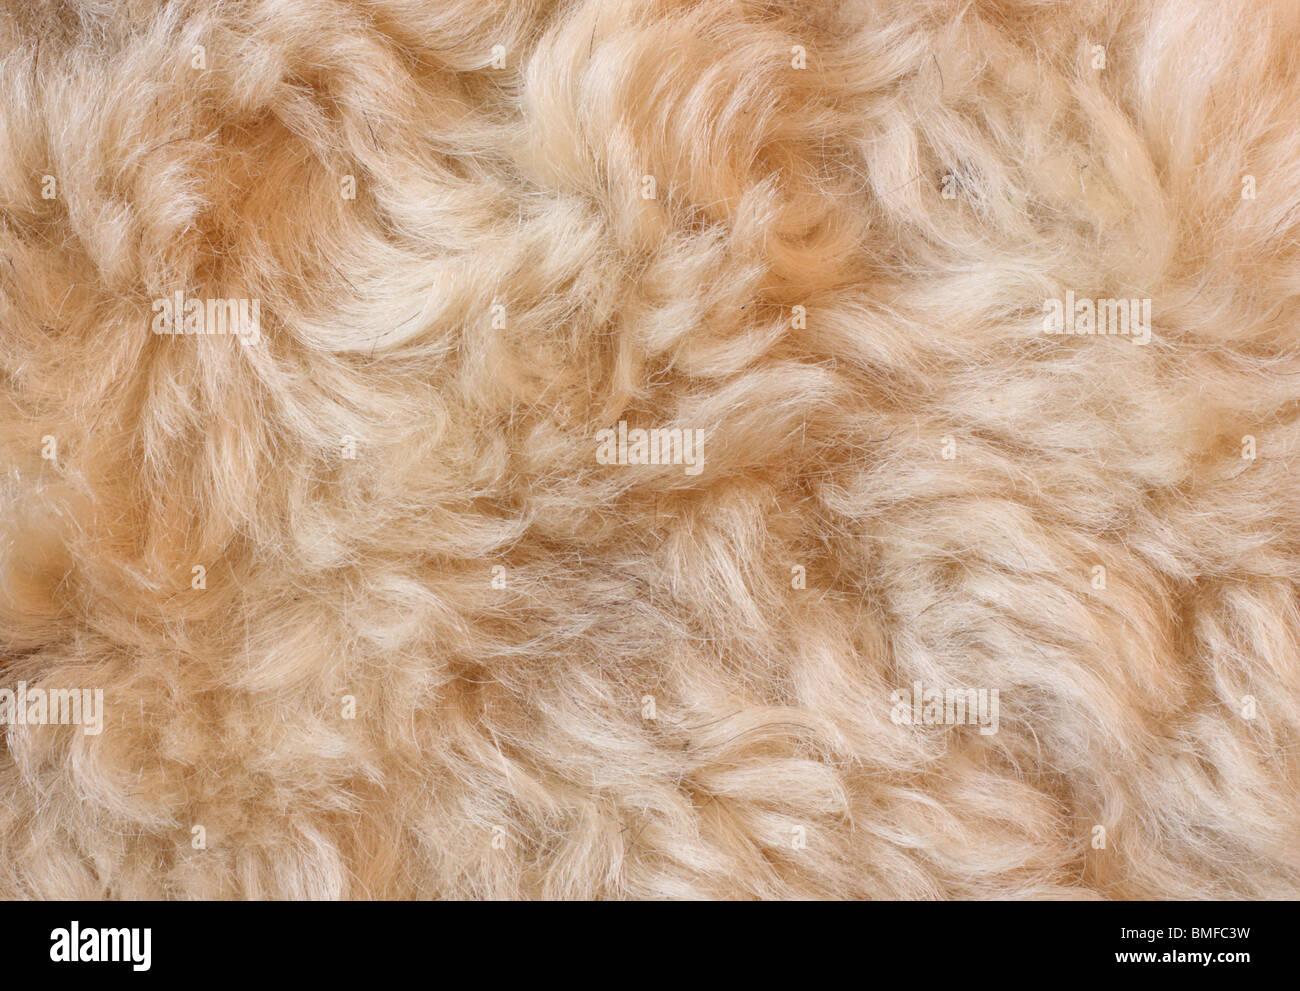 Arrière-plan de la fourrure de mouton Photo Stock